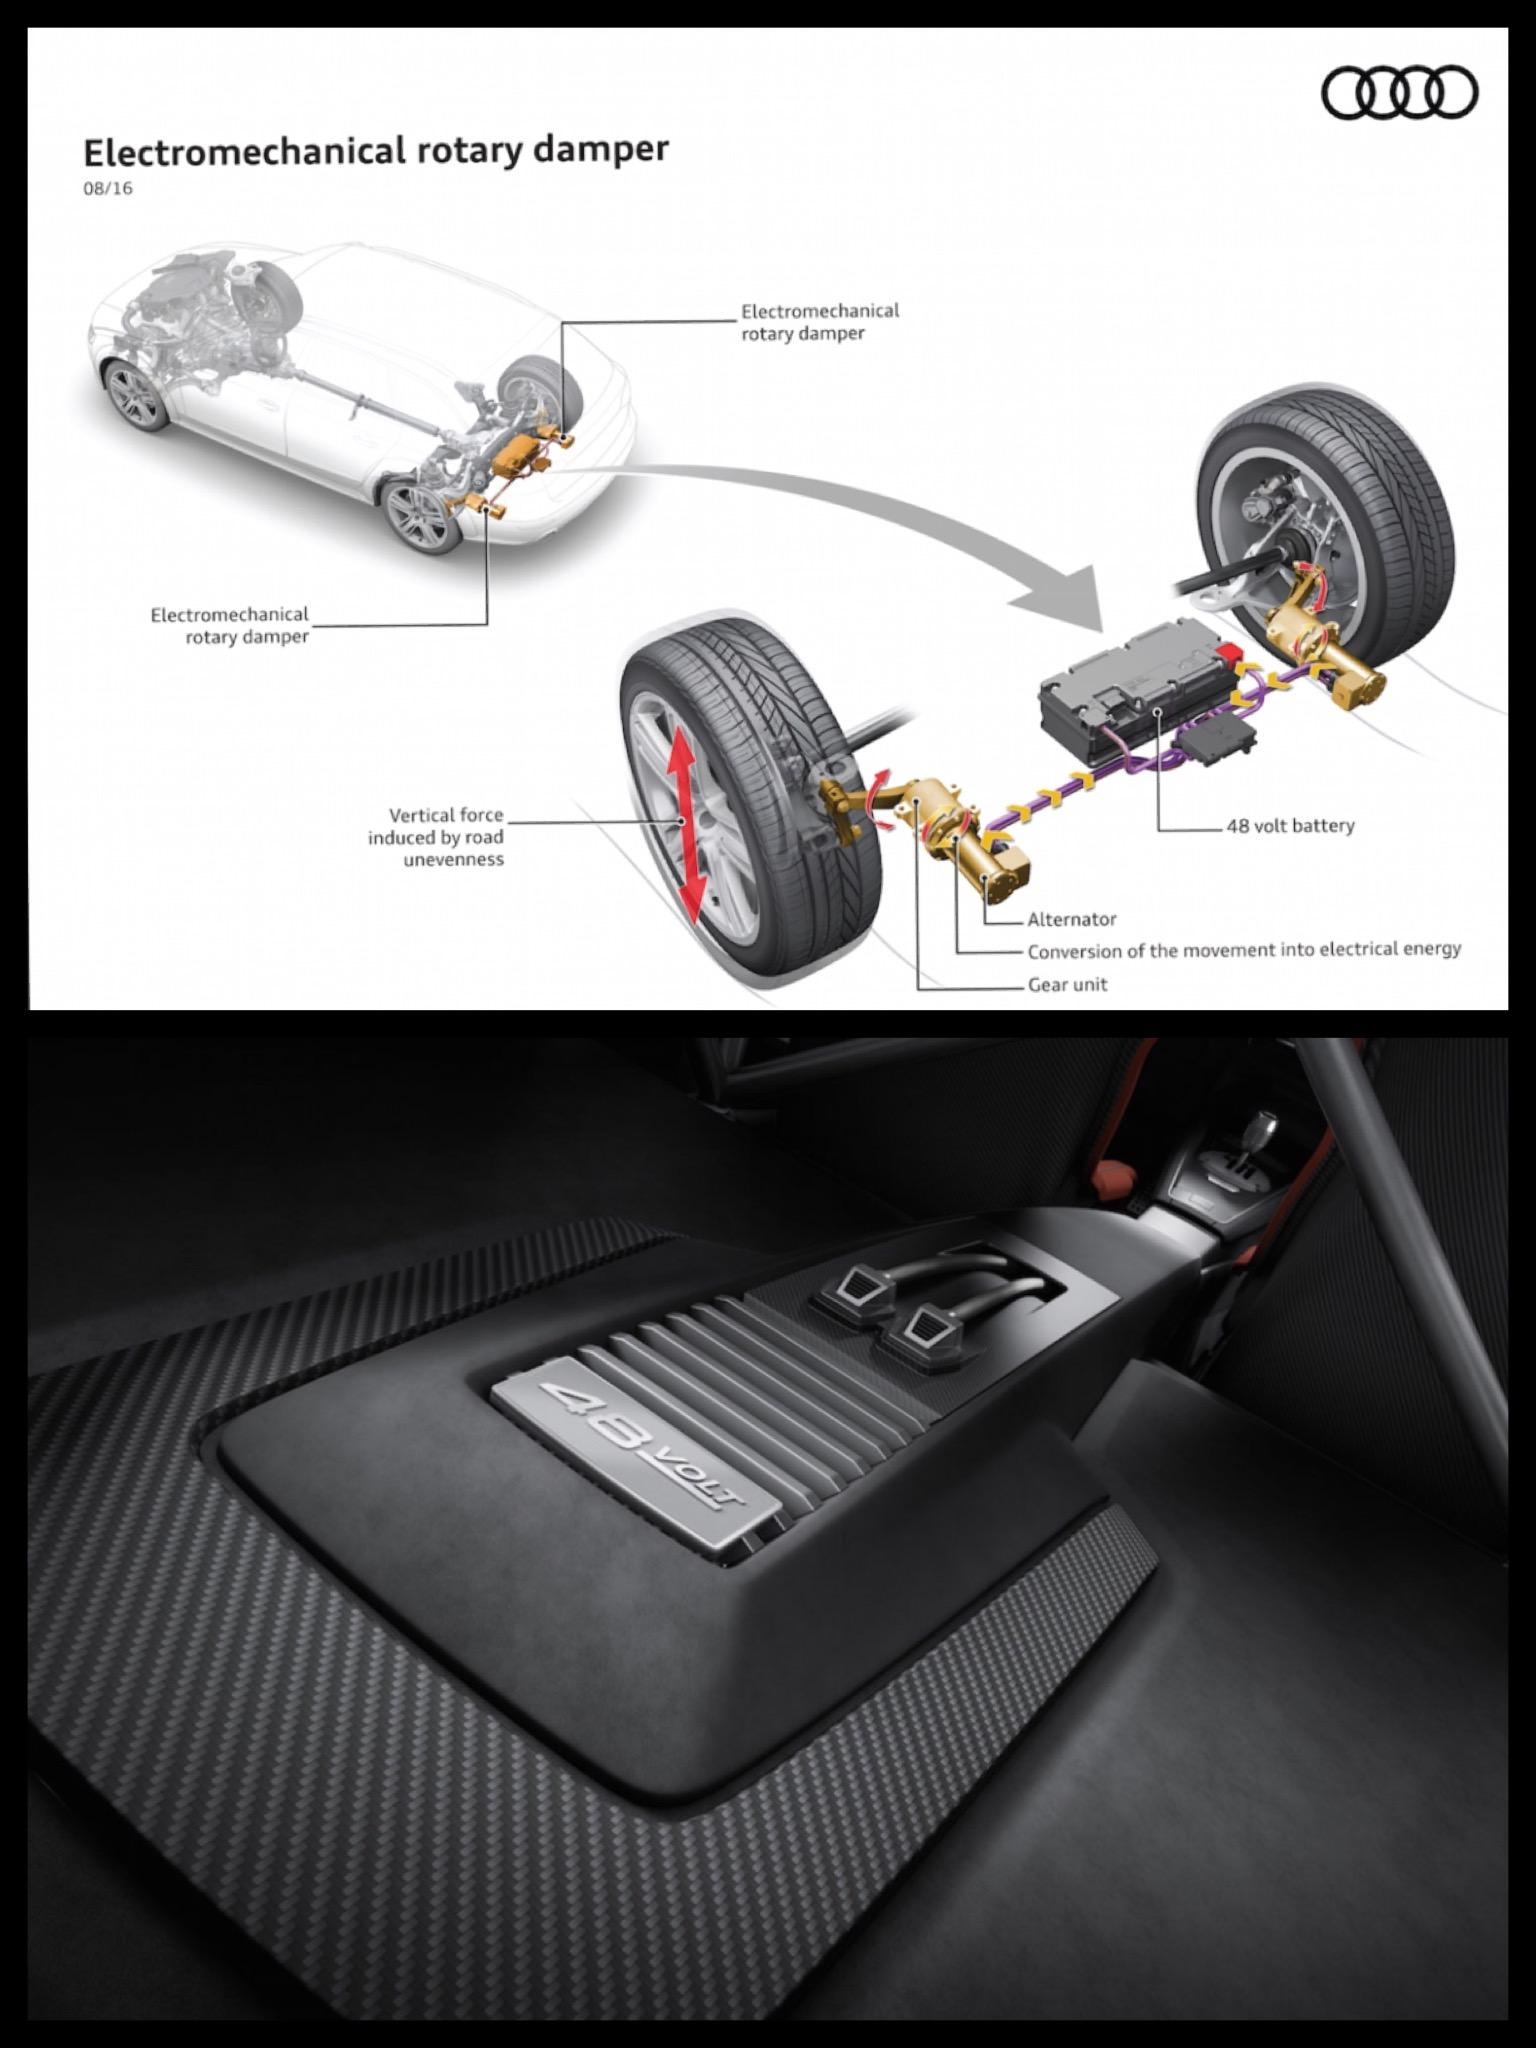 アウディ 電気モーターダンパー e ROT 48V